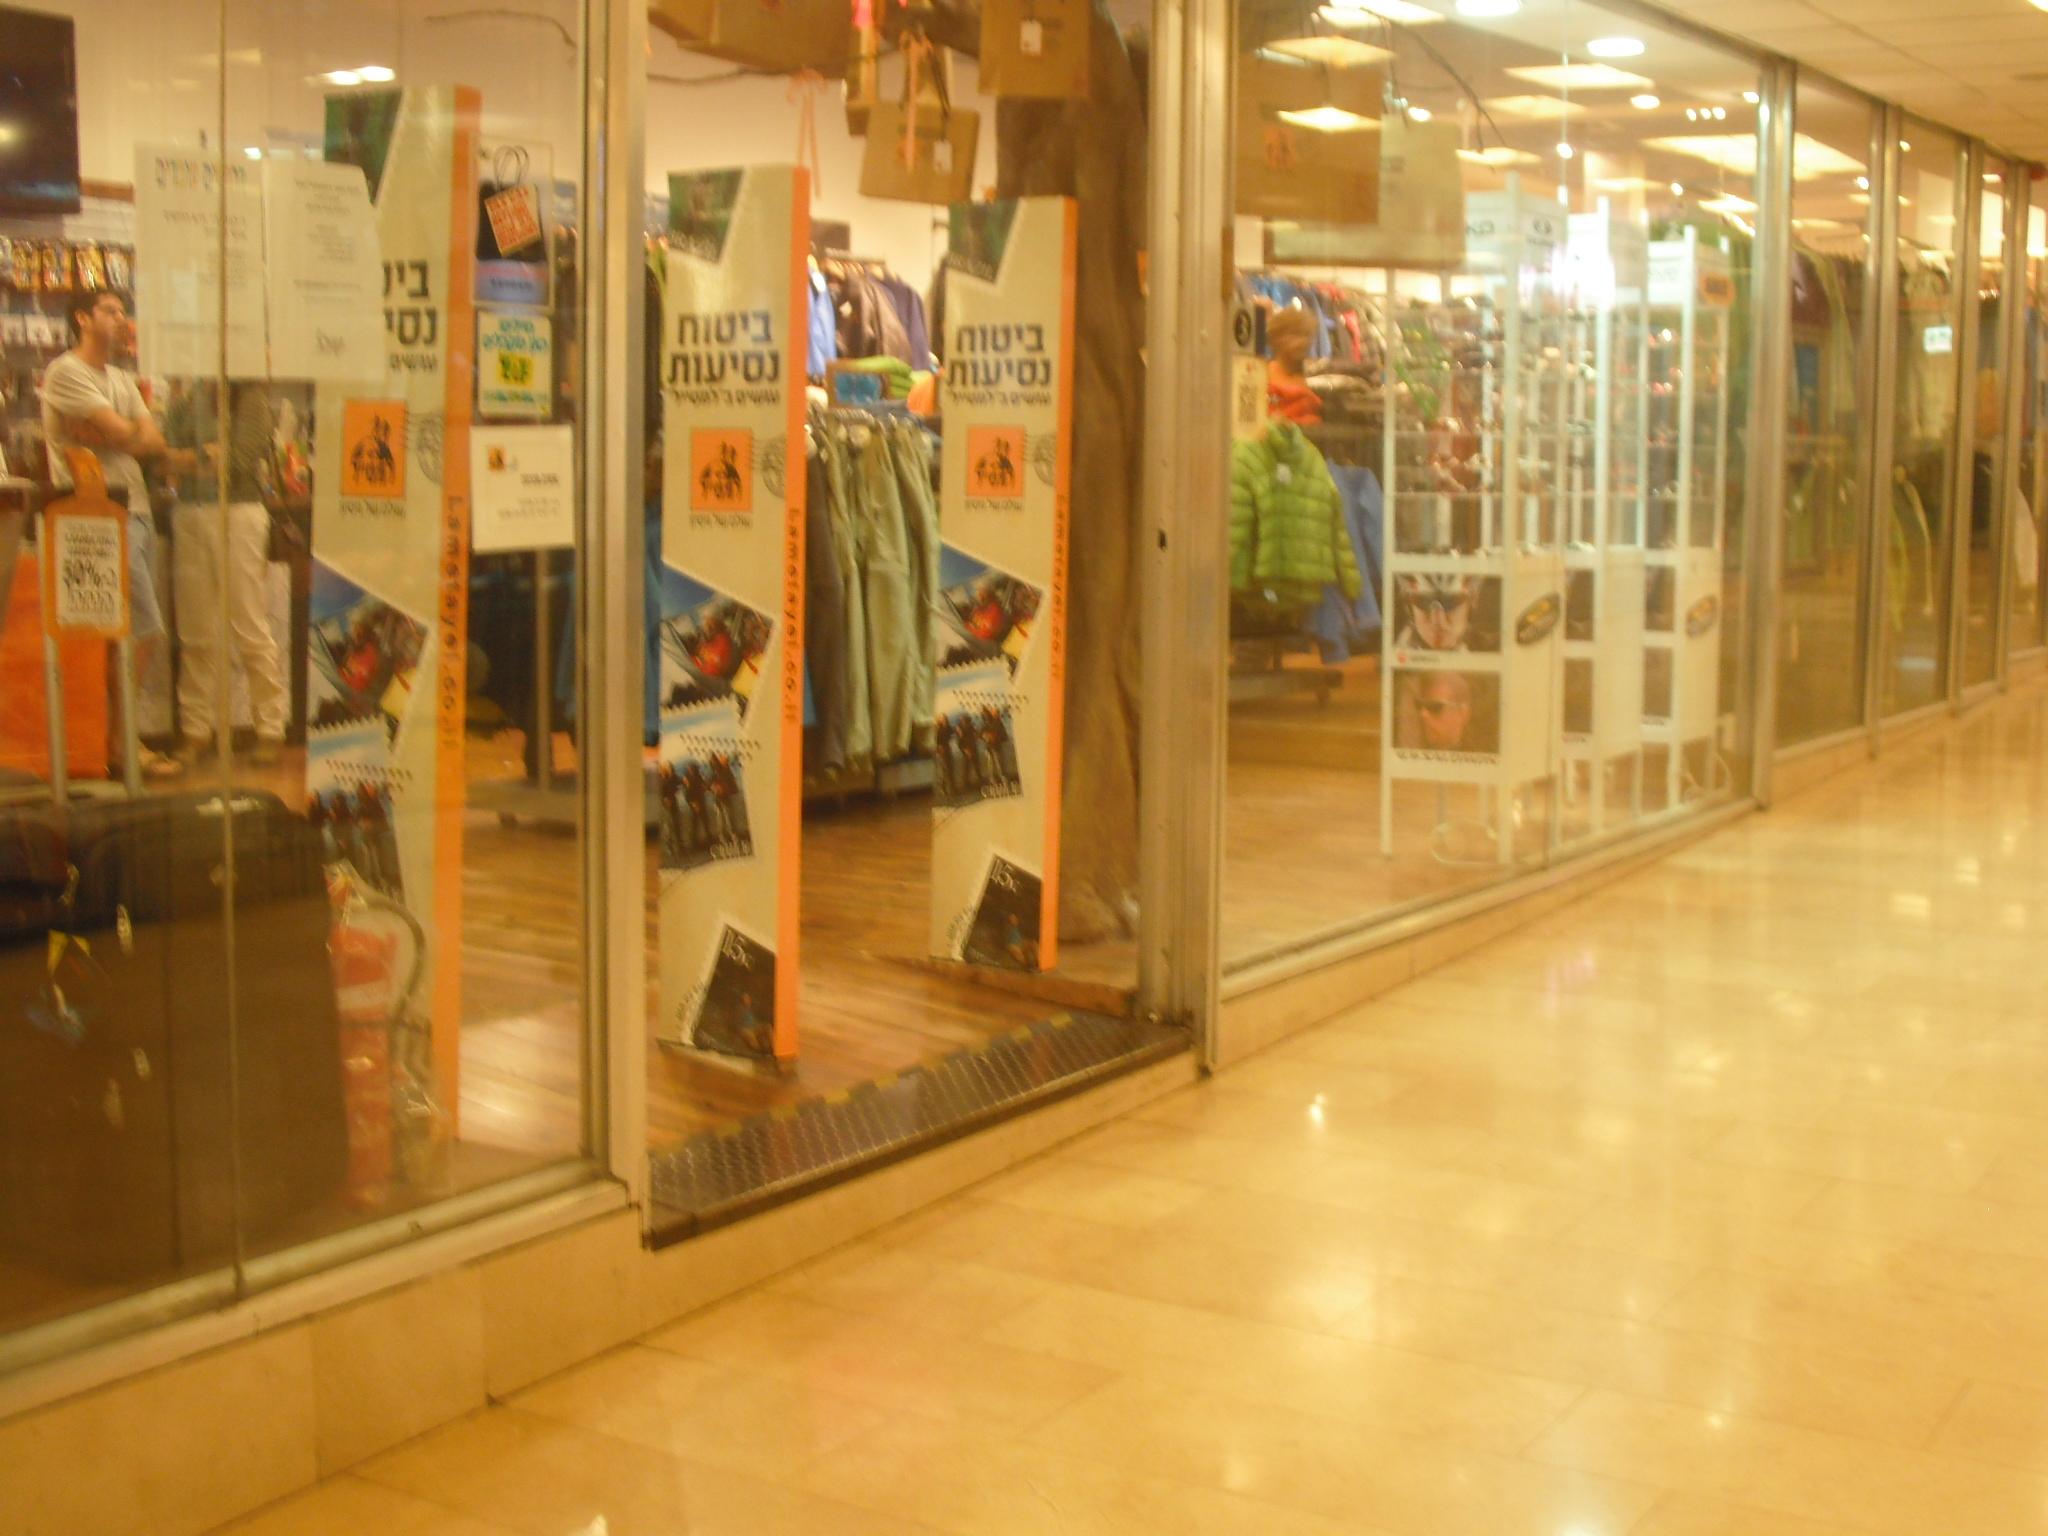 מעבר משופע-סף גבוה בכניסה לחנויות